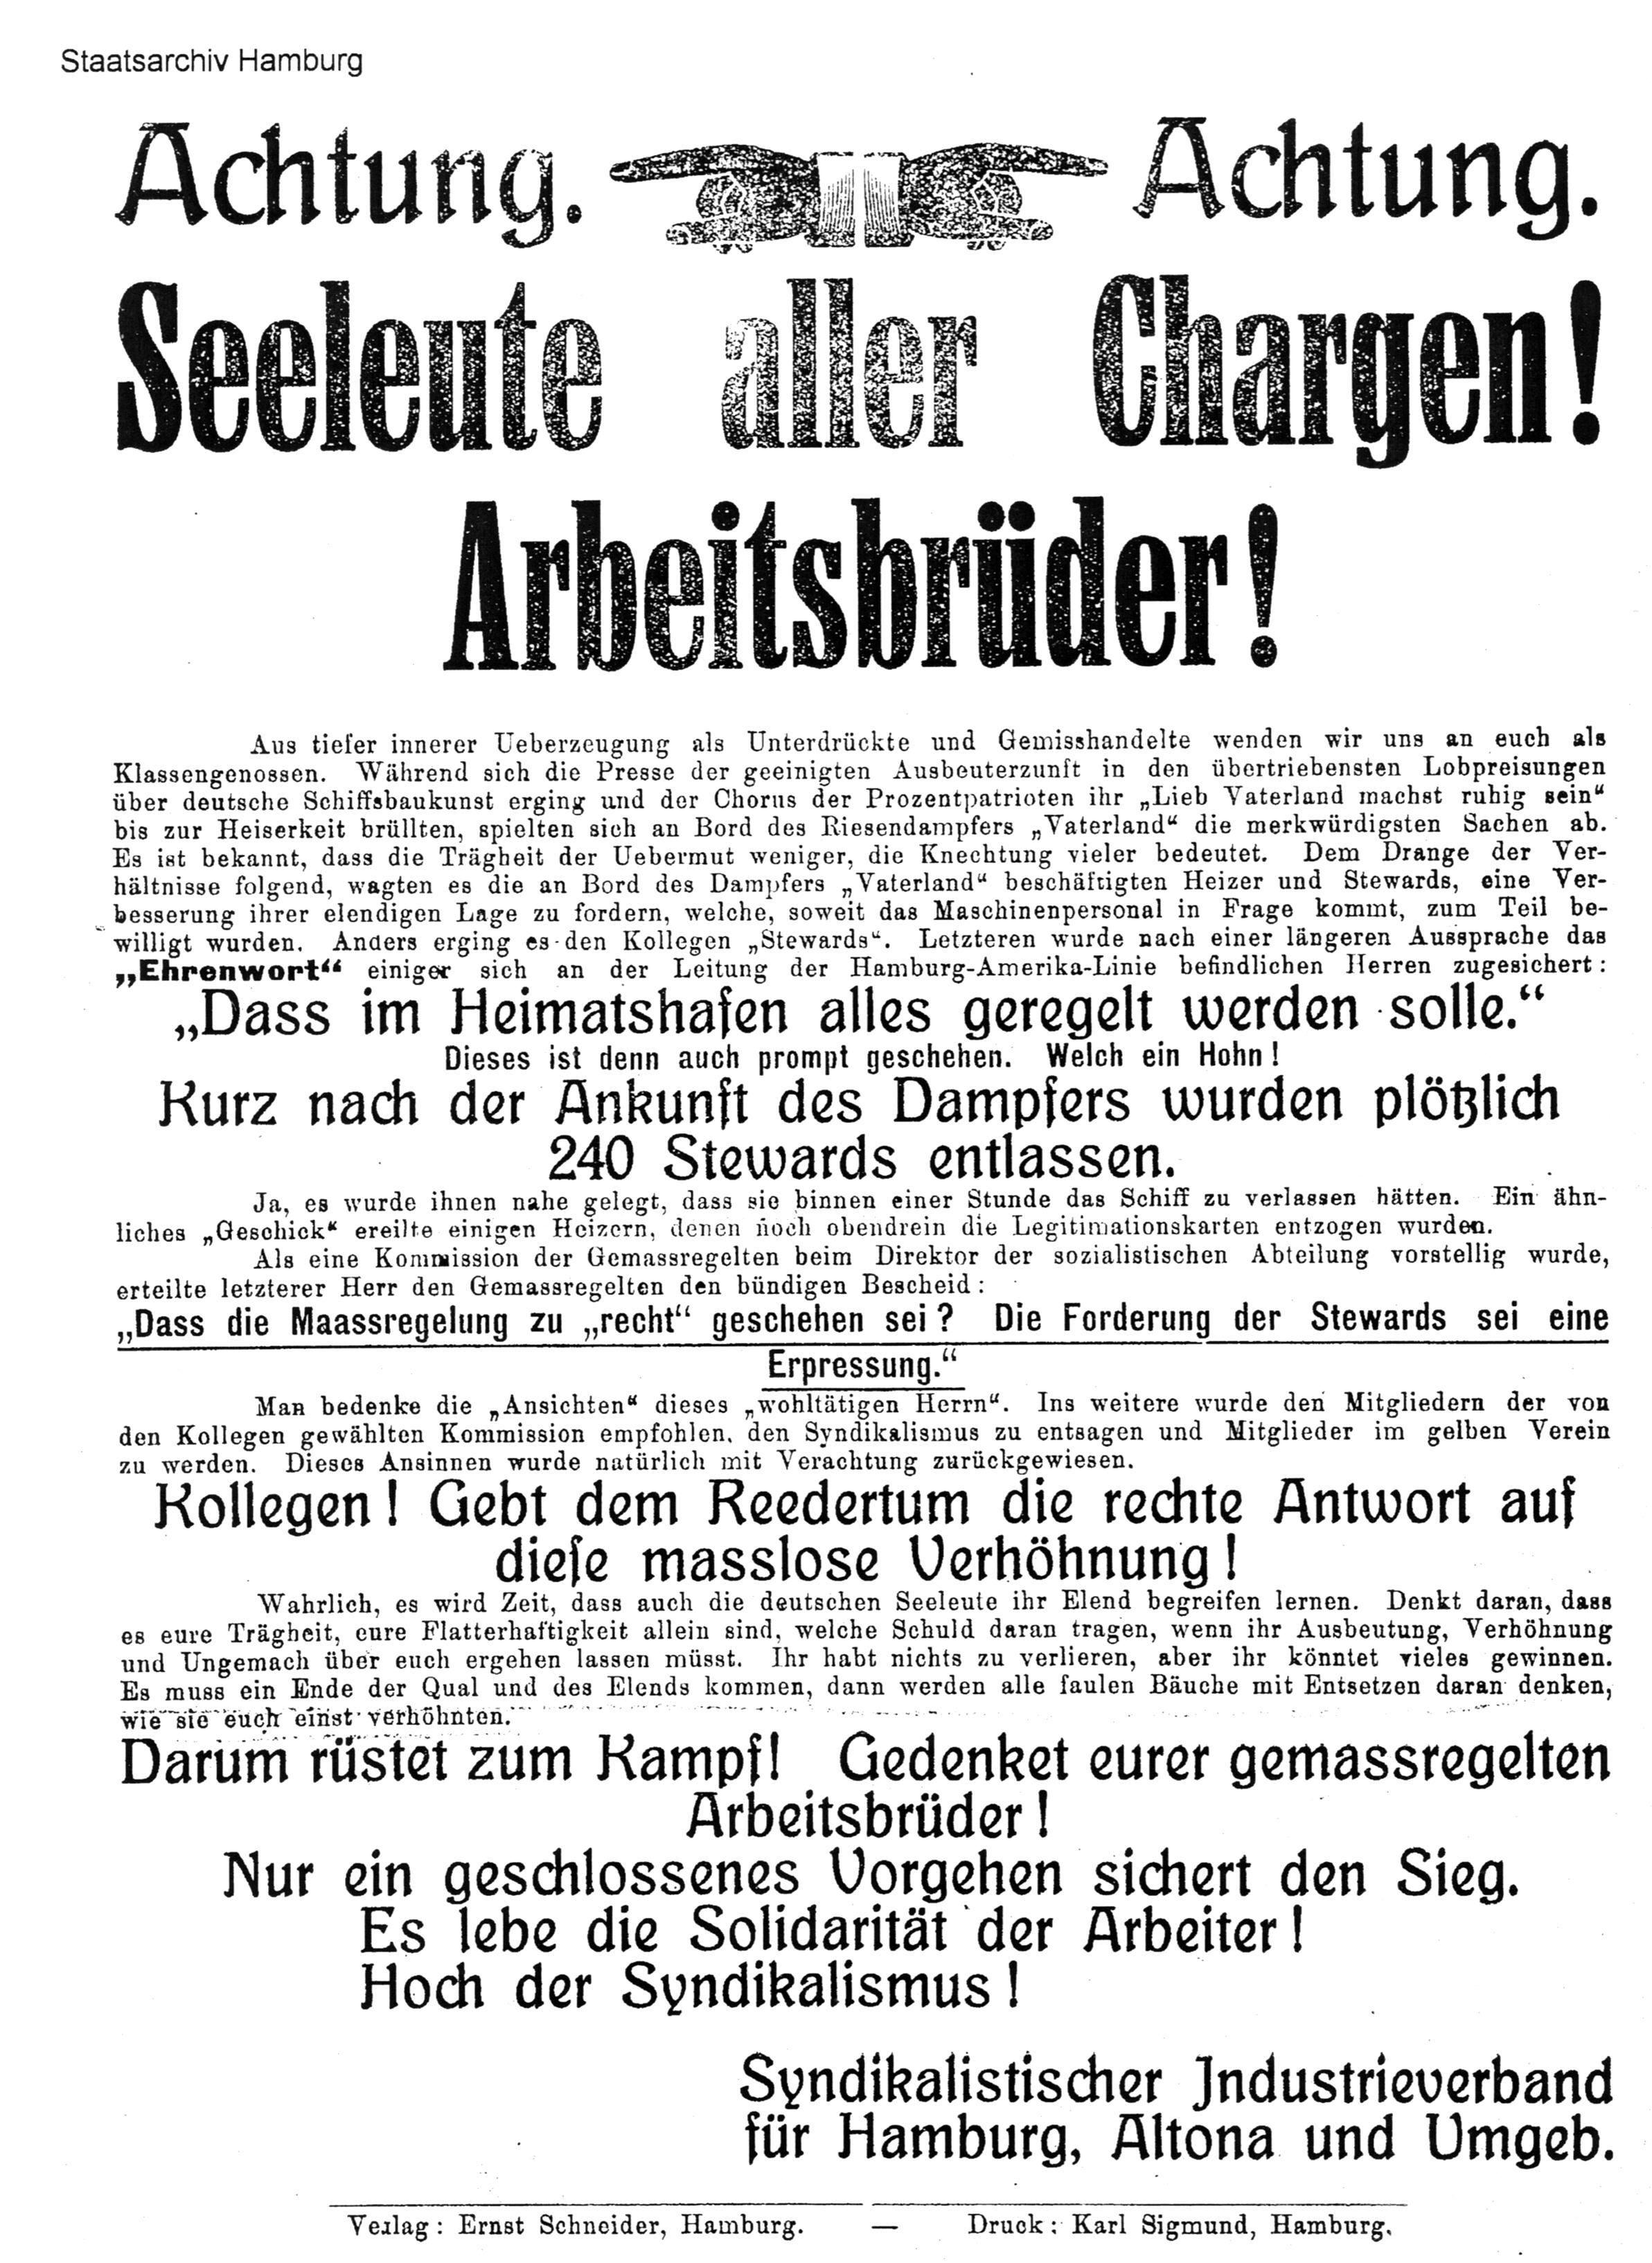 Flugblatt des Syndikalistischen Industrieverbandes